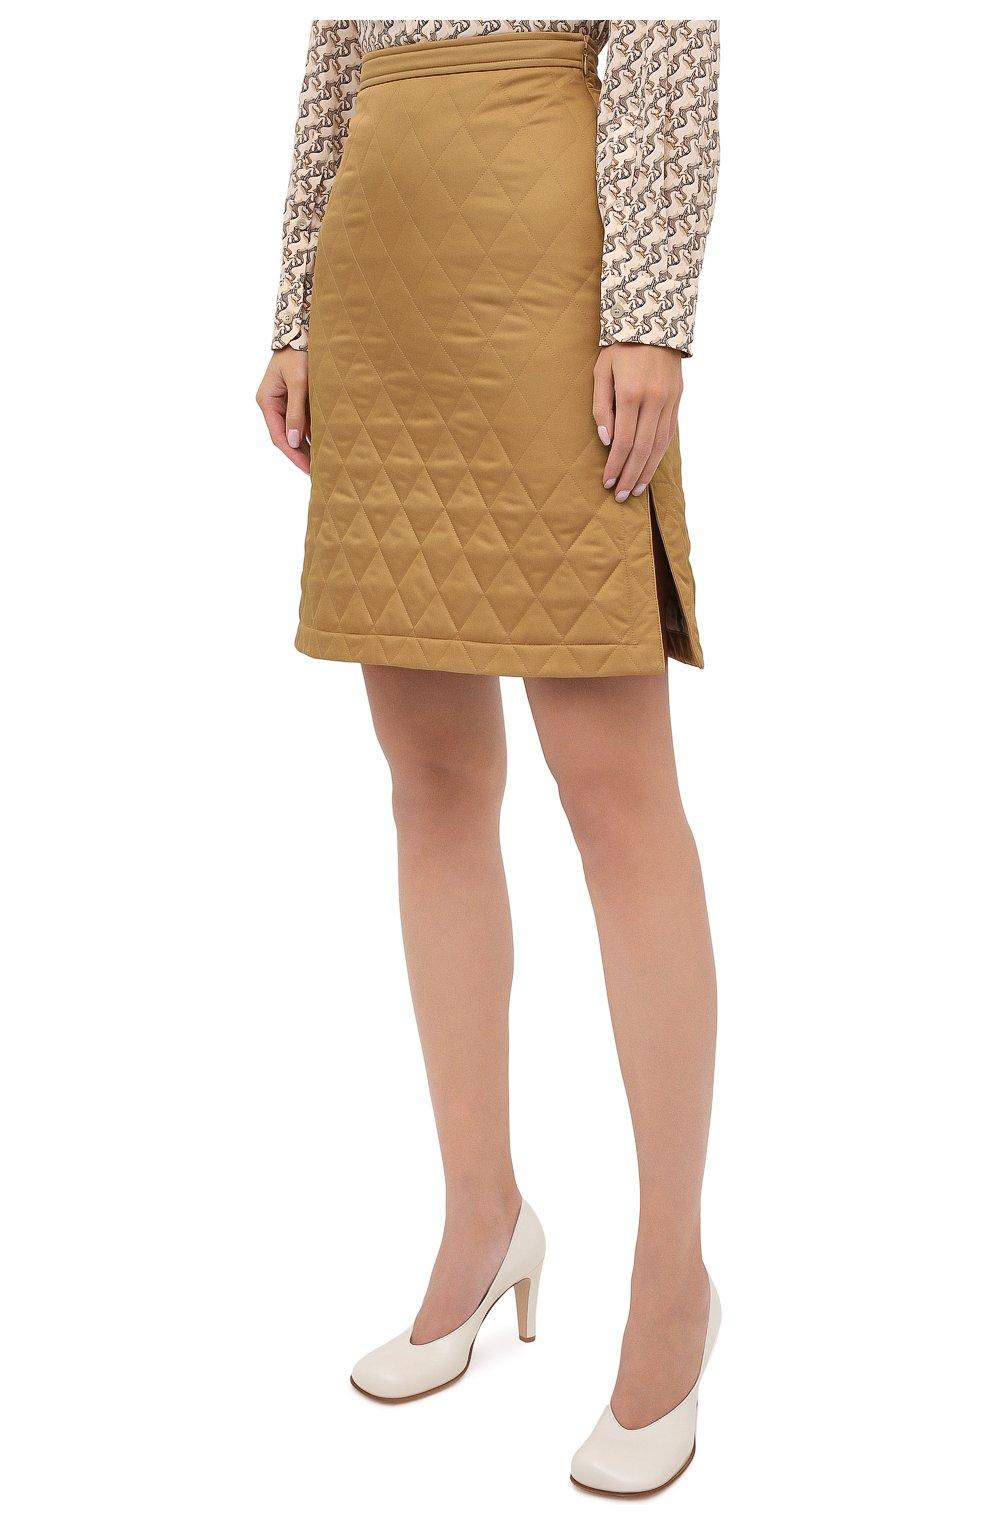 Женская юбка BURBERRY бежевого цвета, арт. 8032290 | Фото 3